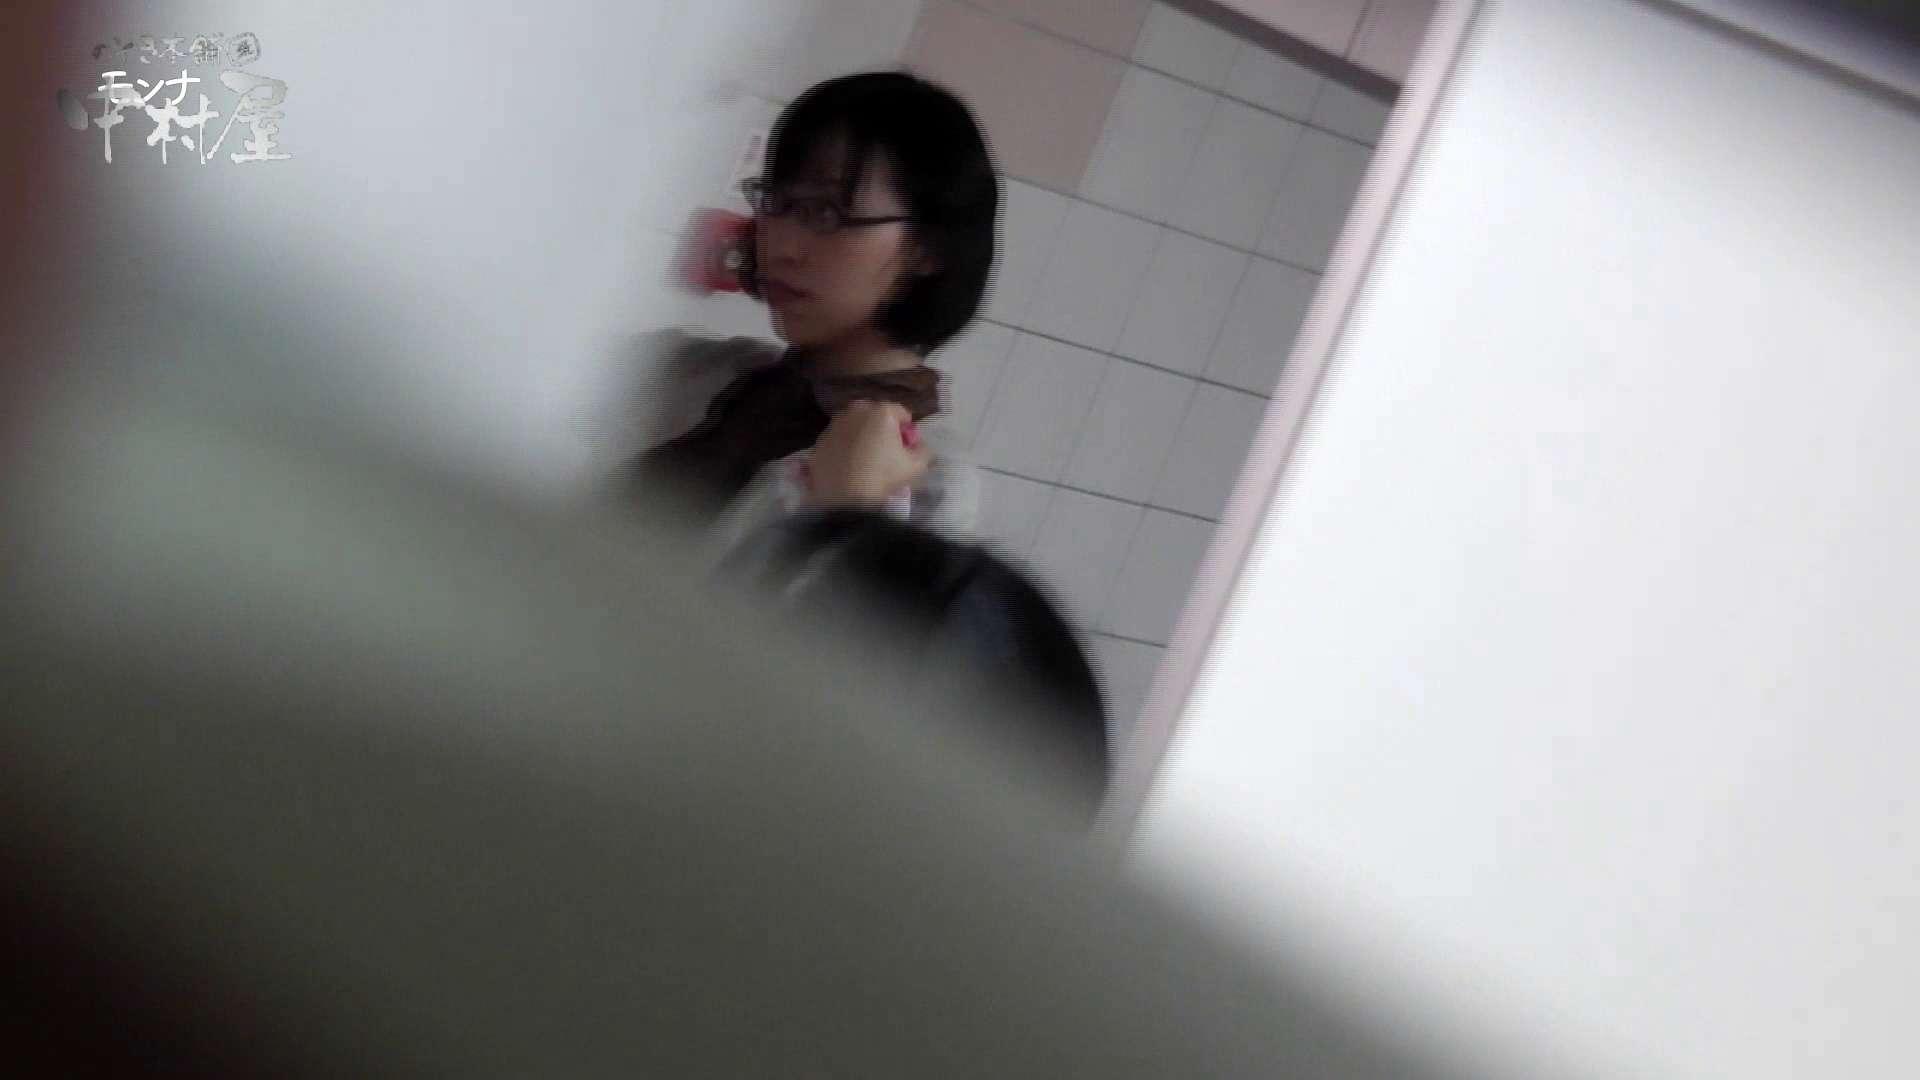 美しい日本の未来 No.44 感動作2前編 女性トイレ  112pic 92